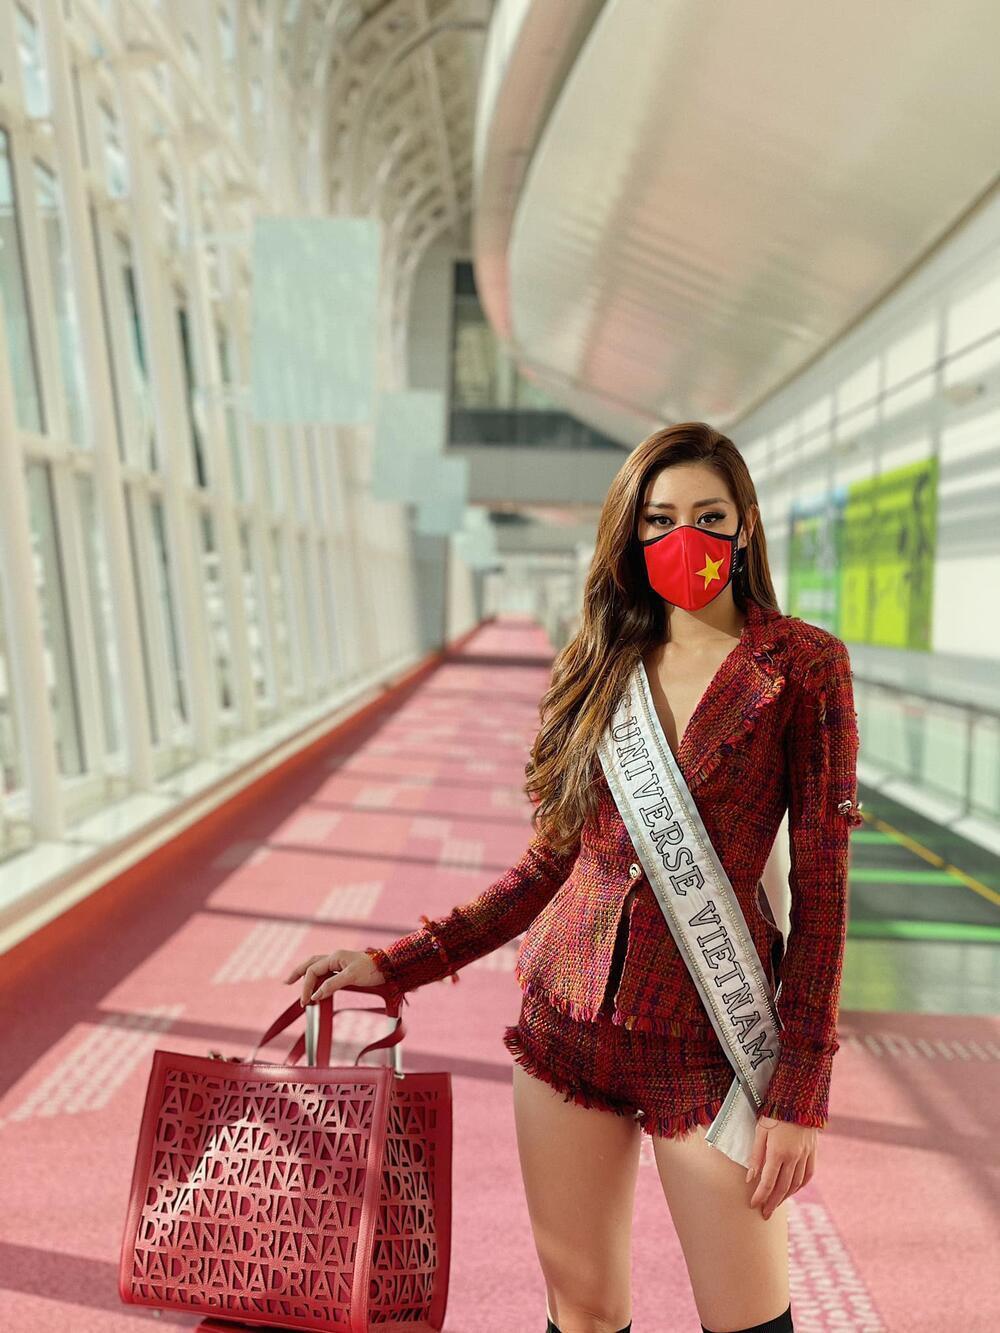 Khánh Vân khiến fan xót xa khi stylist tiết lộ bị giảm cân do hành trình sang Mỹ vất vả Ảnh 8